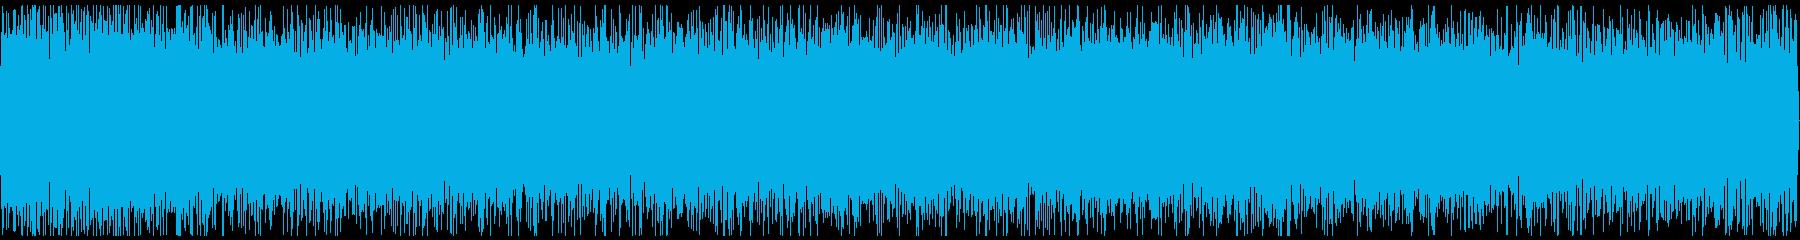 新幹線の中の騒音の環境音です。の再生済みの波形